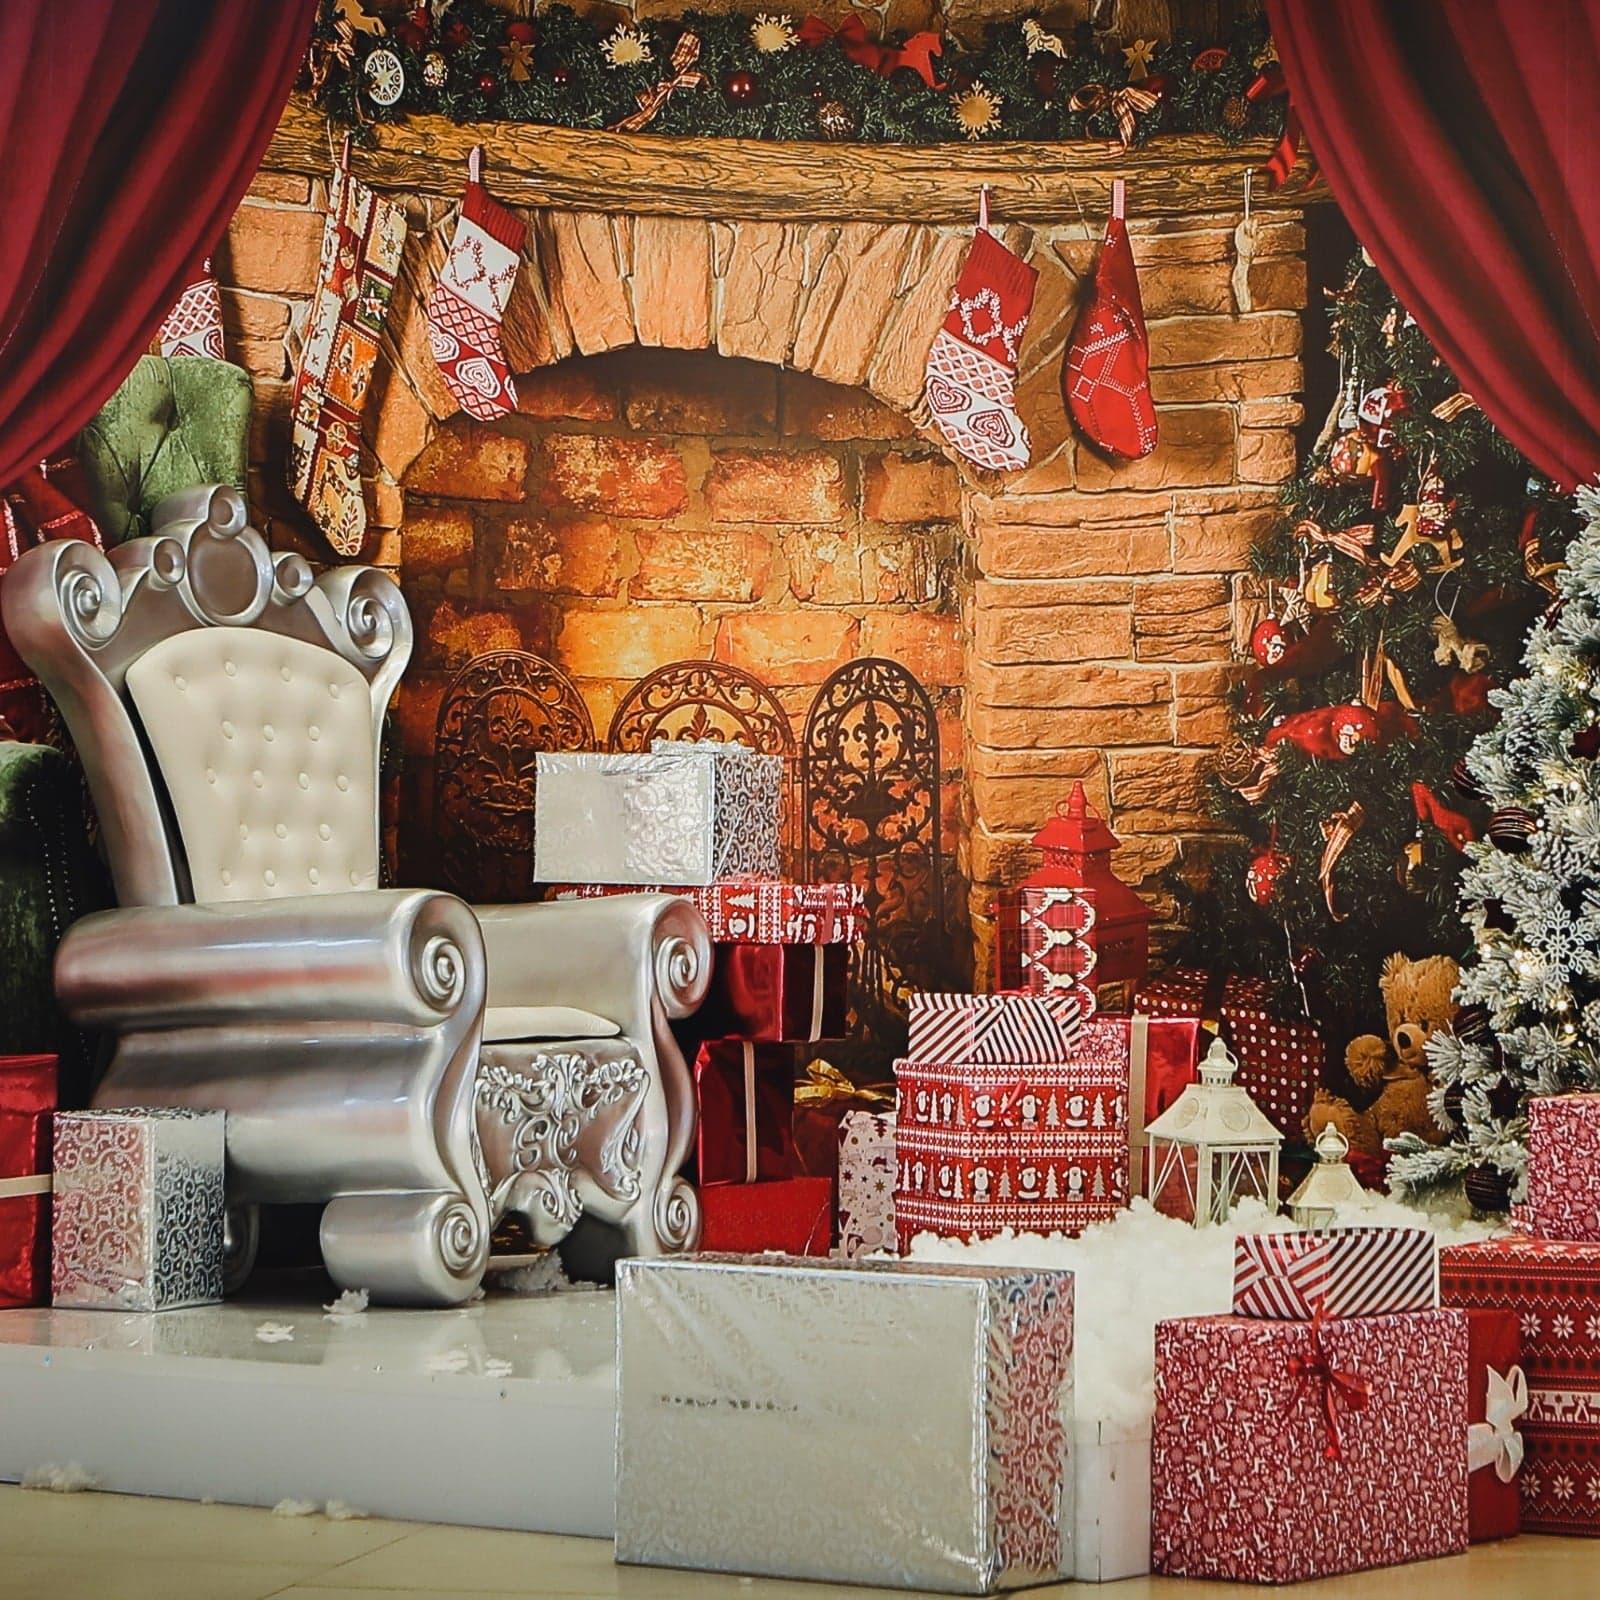 Crăciunul înseamnă #afiÎmpreună